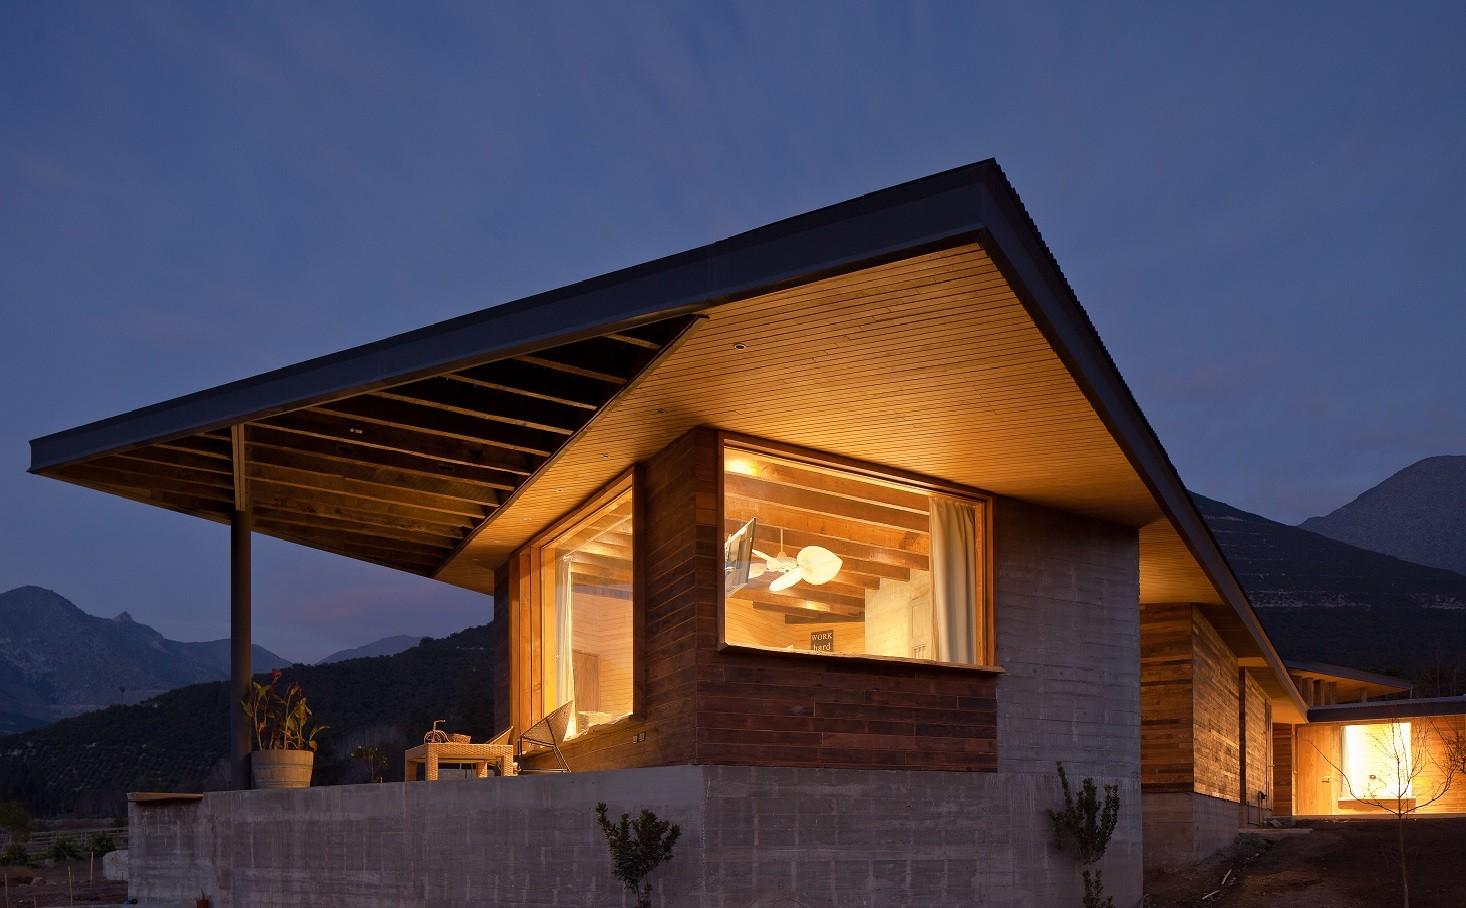 Casa de madera d rr schmidt archdaily - Casaa de madera ...